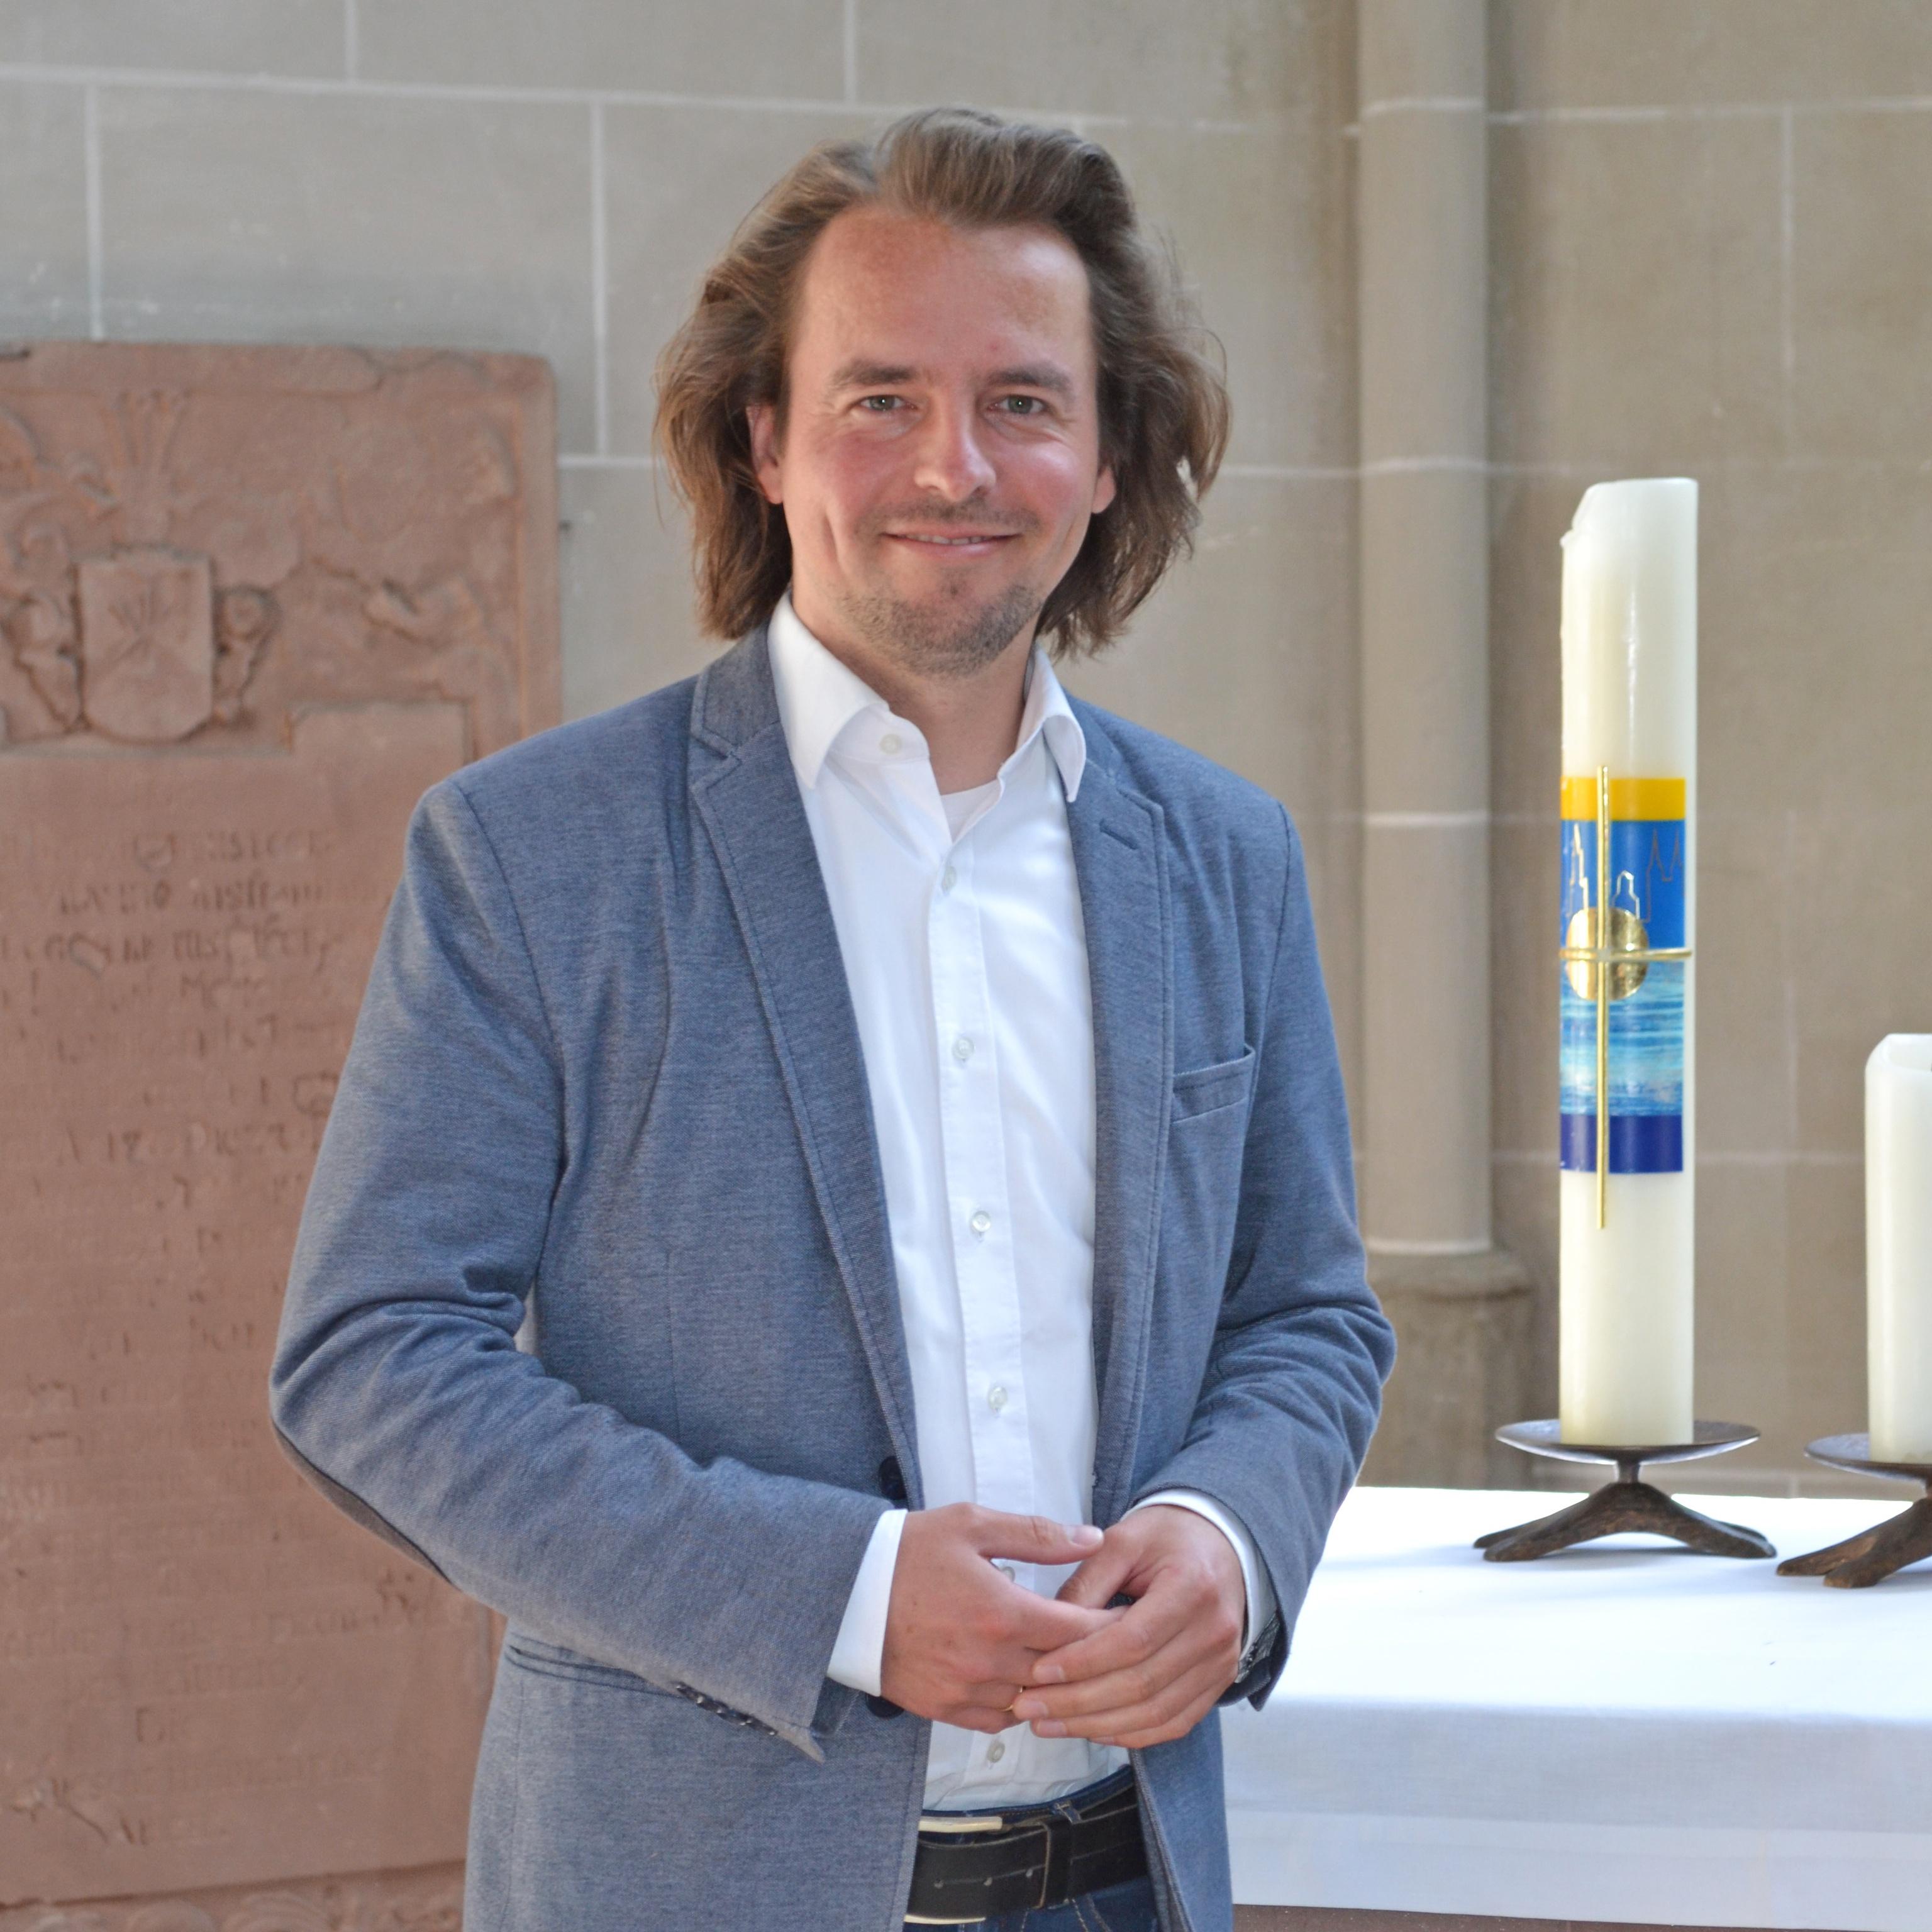 Pfarrstelle in Höxter wird wieder besetzt Pfarrer Dr. Björn Corzilius wechselt nach Bielefeld zur Landeskirche als Persönlicher Referent der Präses